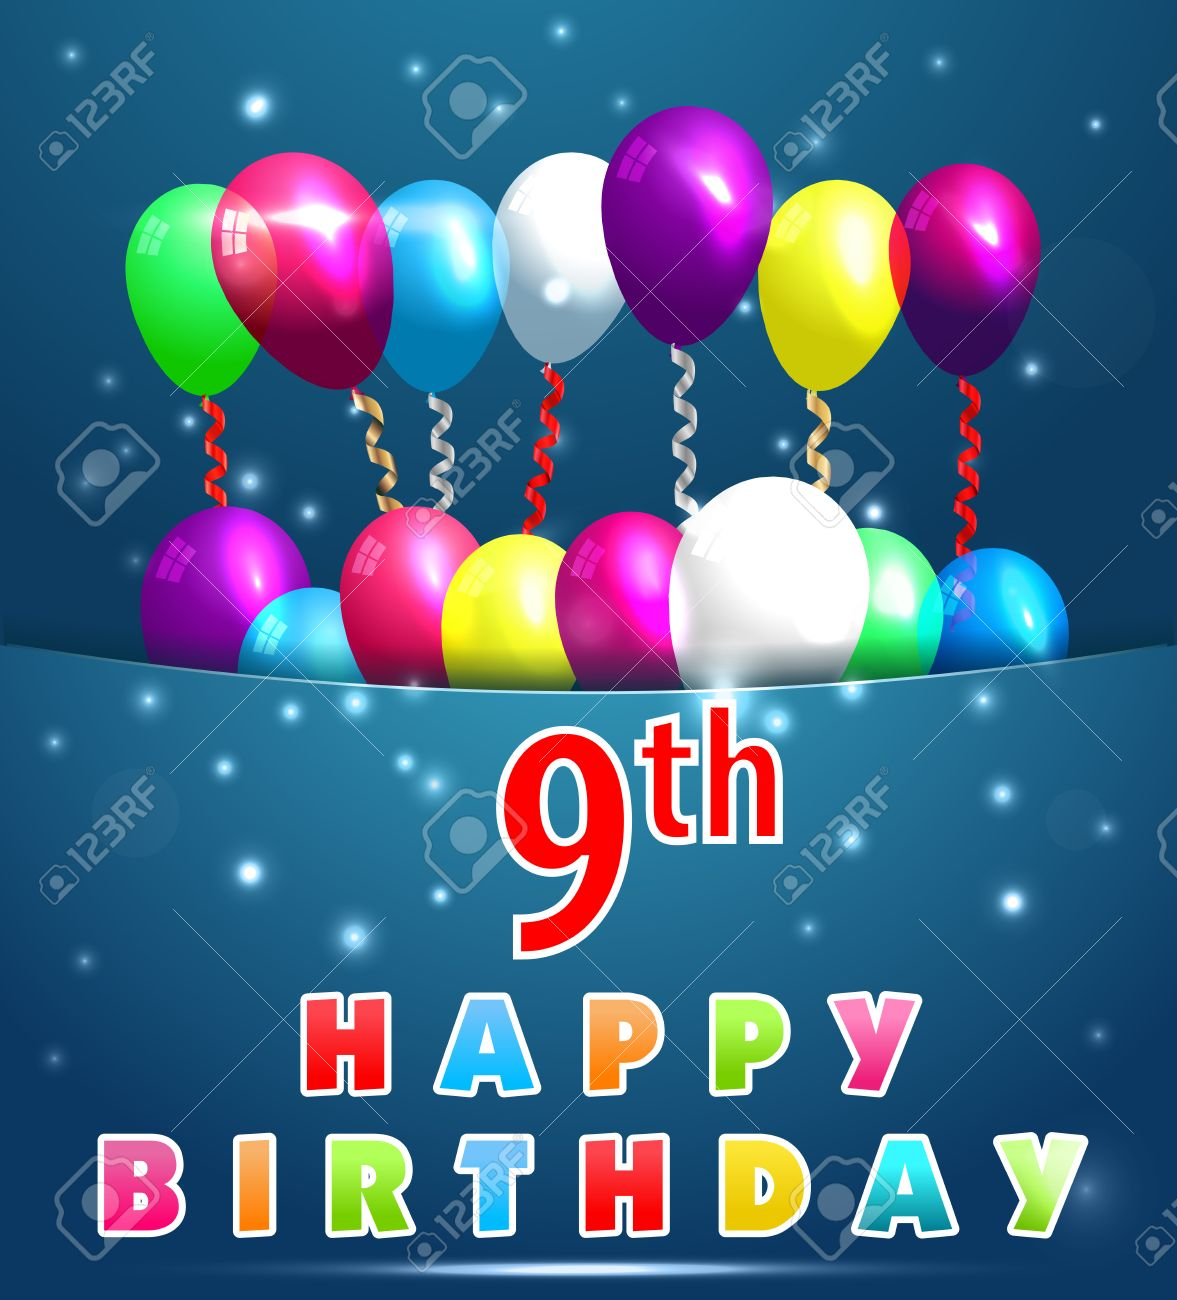 Auguri Di Buon Compleanno 9 Anni.9 Anni Scheda Di Buon Compleanno Con Palloncini E Nastri 9 Compleanno